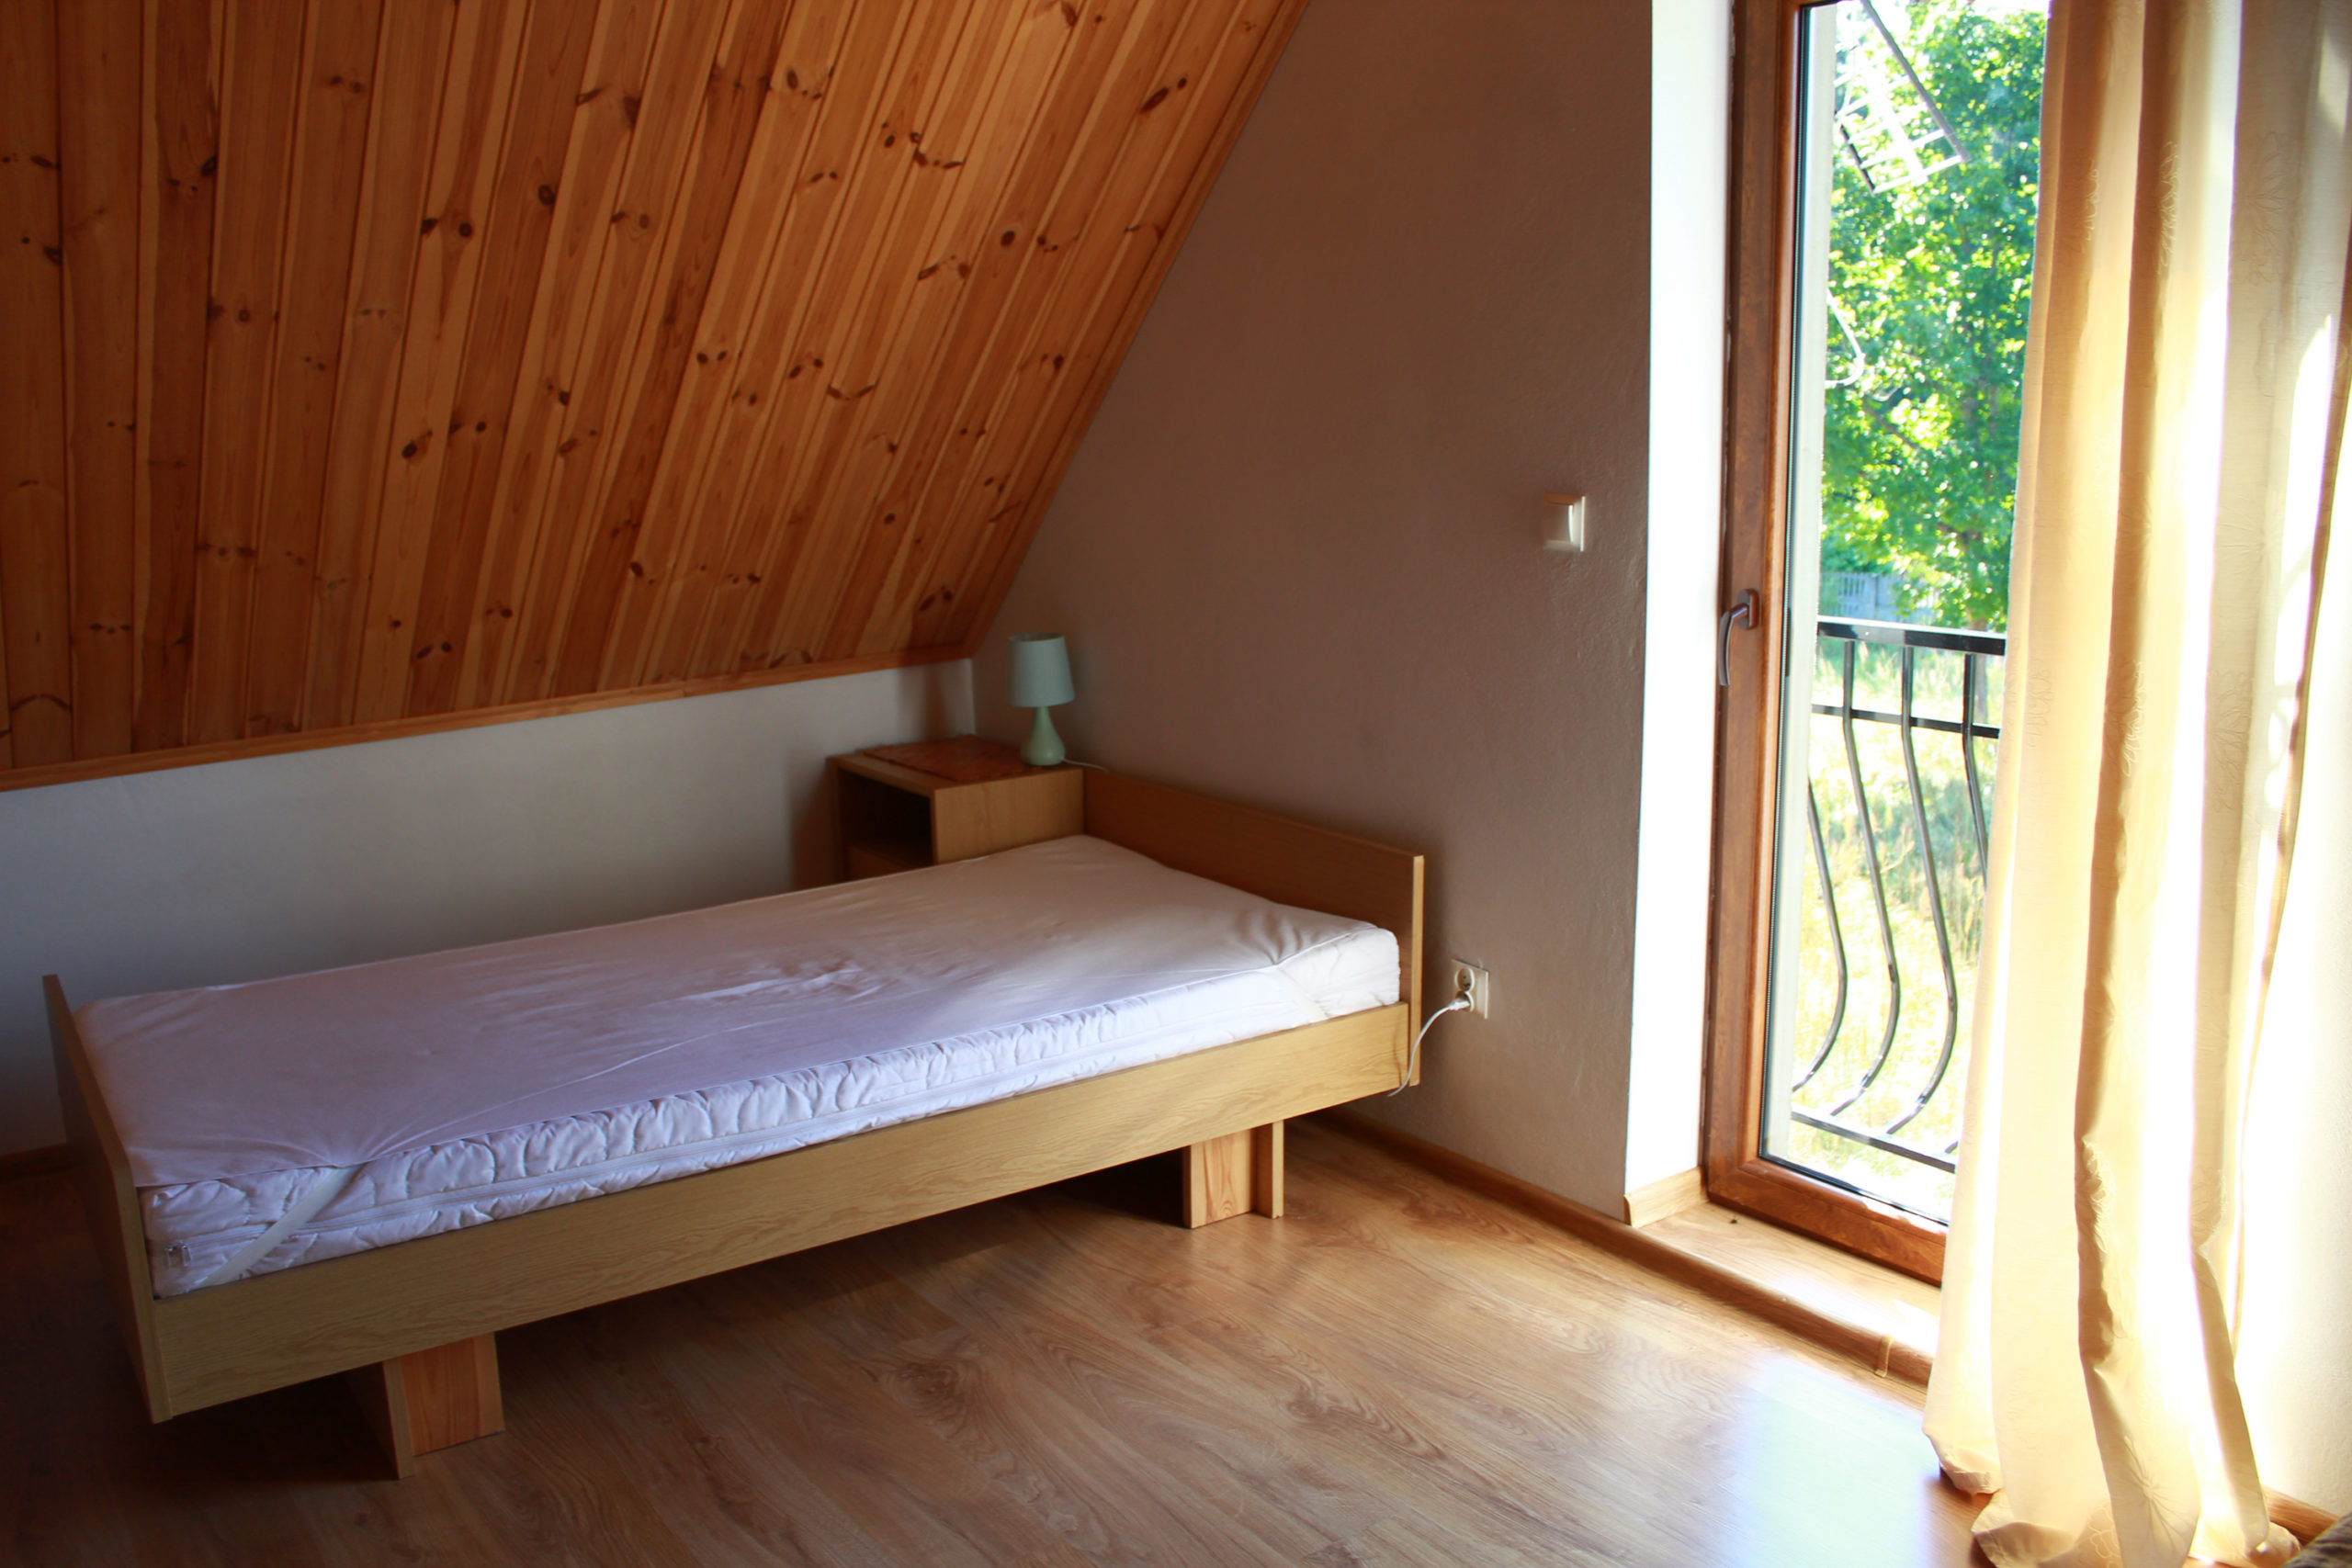 łóżko na poddaszu